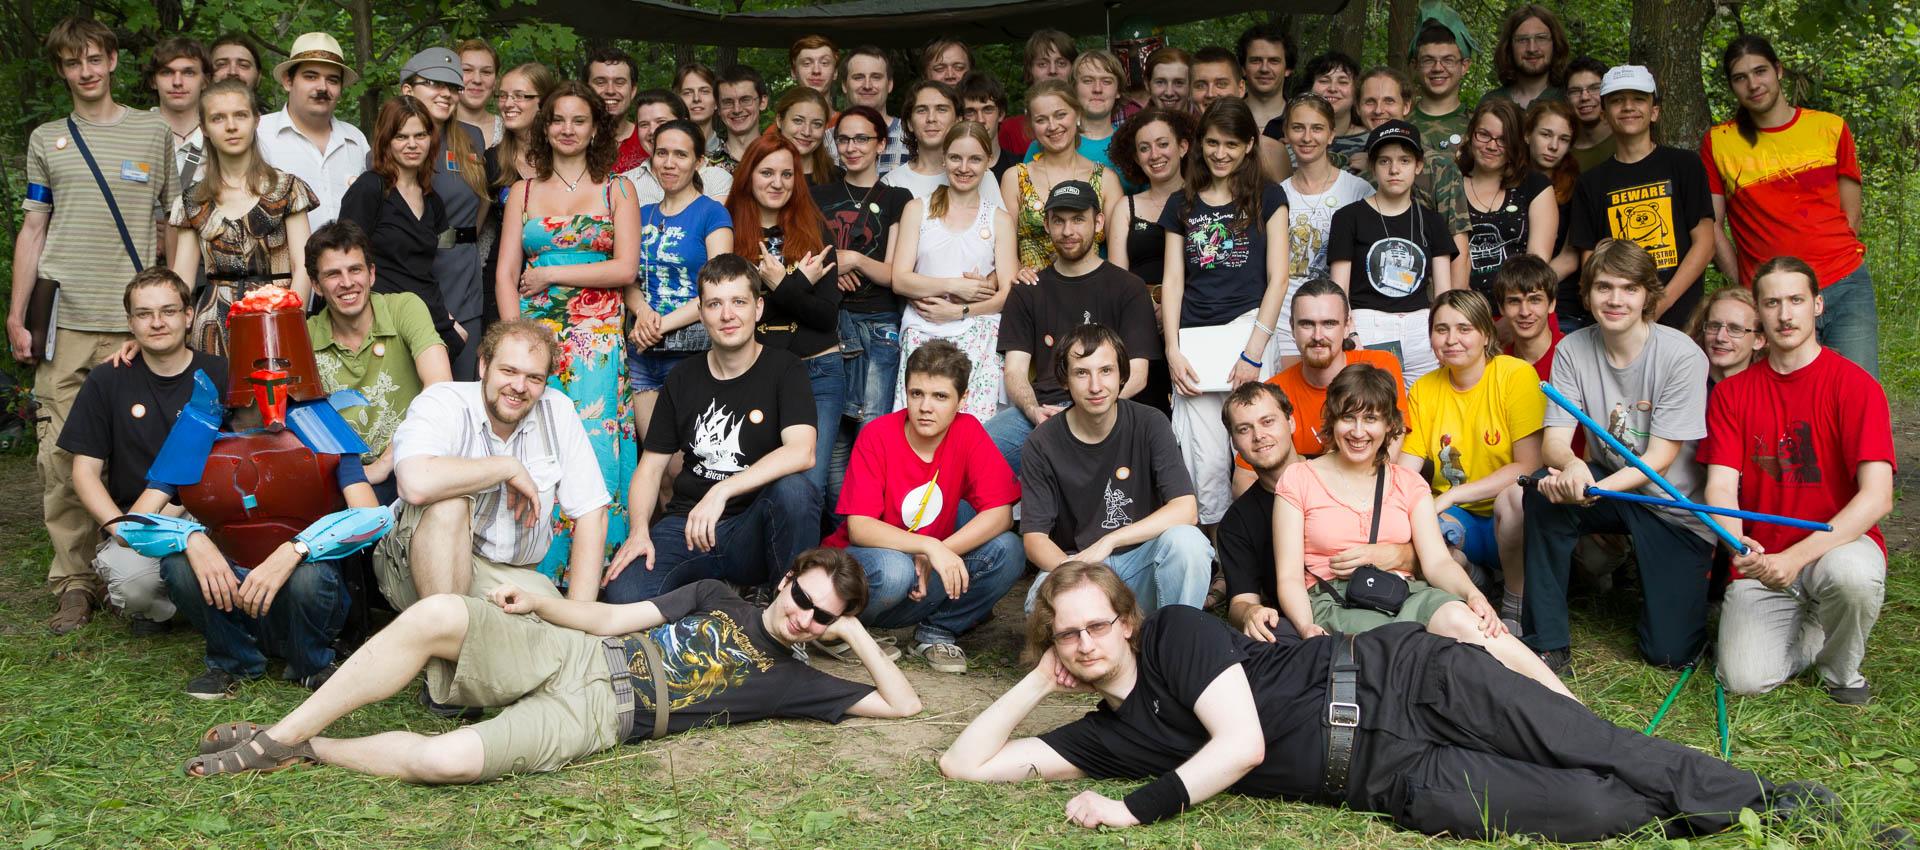 Участники пикника Этим летом!